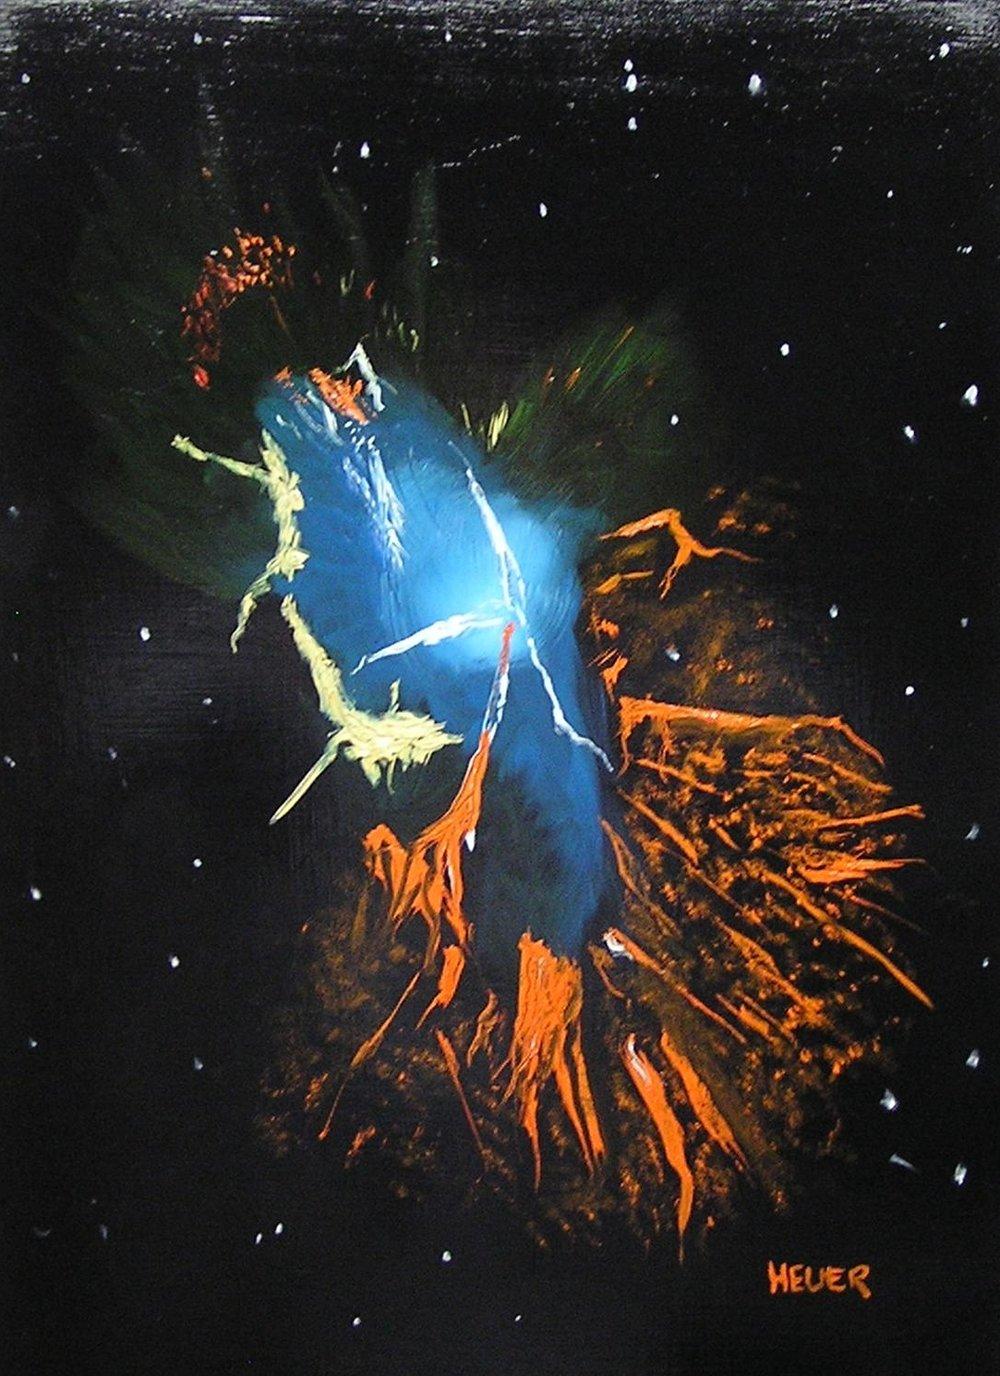 Galaxy Star Formation II